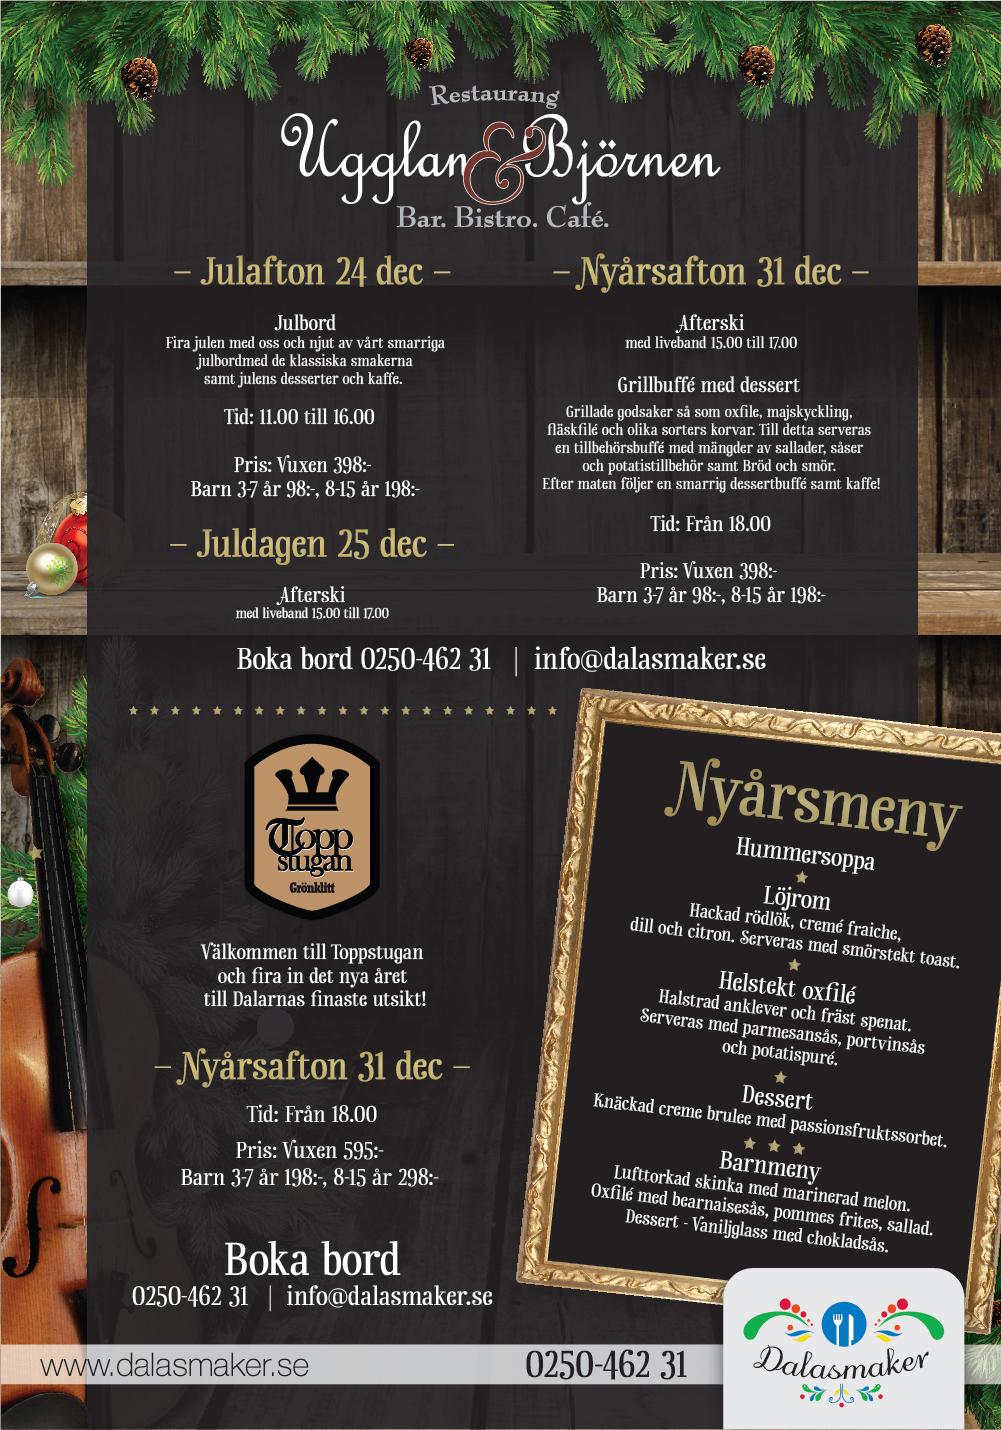 Dalasmaker jul nyårsprogram Hemsida (1)